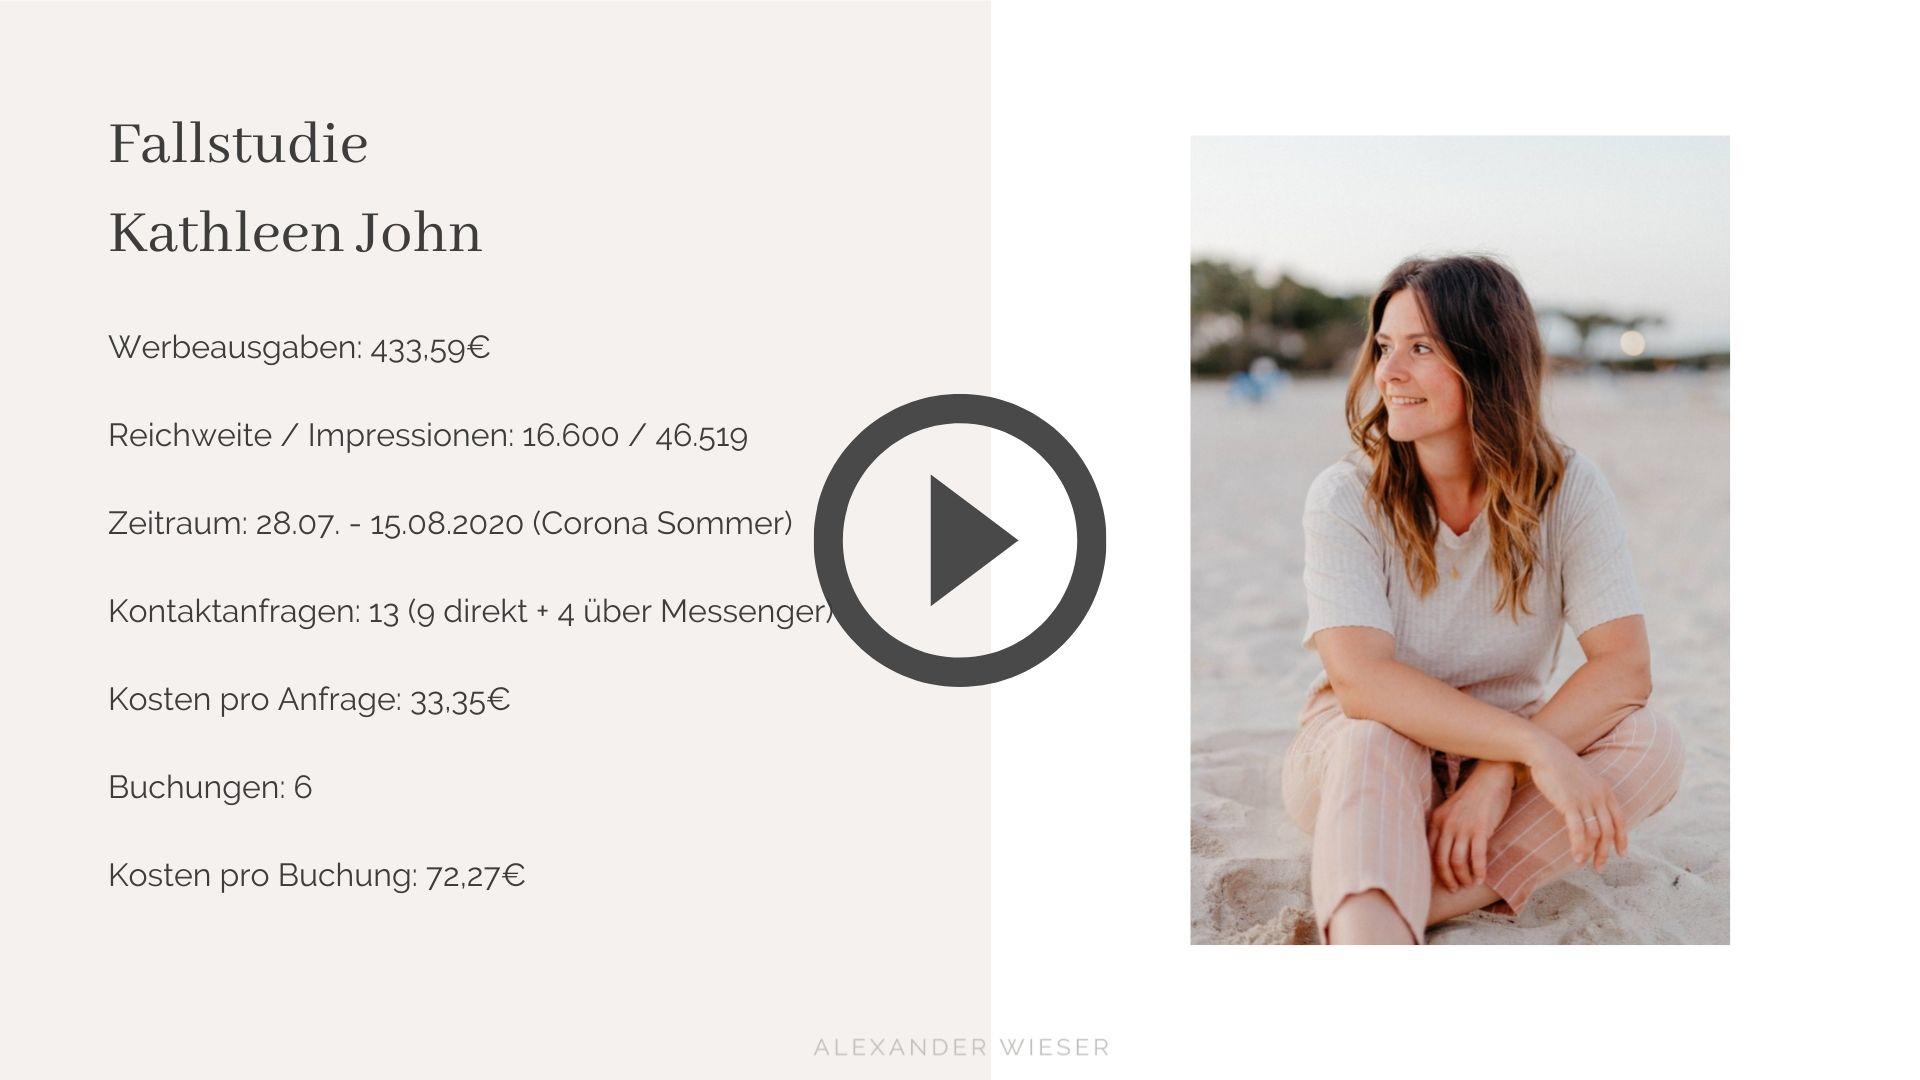 Fallstudie Kathleen John